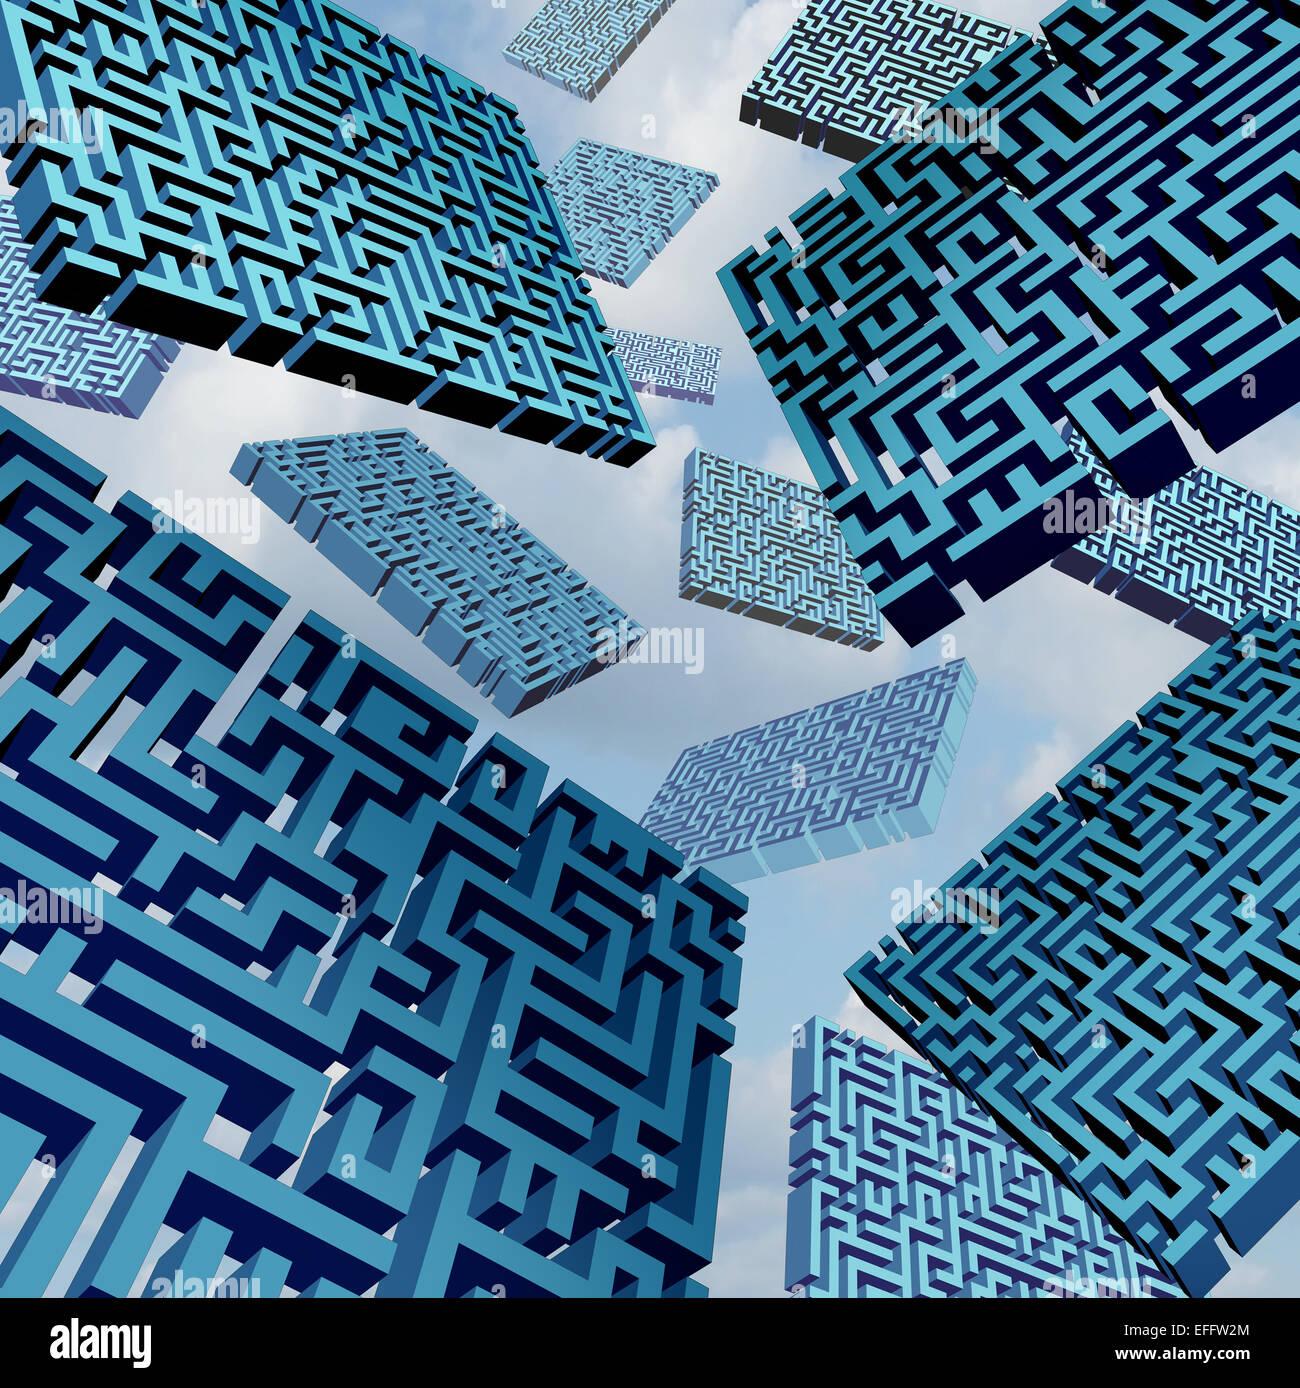 Labyrinth-Verwirrung-Konzept als eine Gruppe von drei dimensionale Labyrinth schweben in den Himmel als Metapher Stockbild